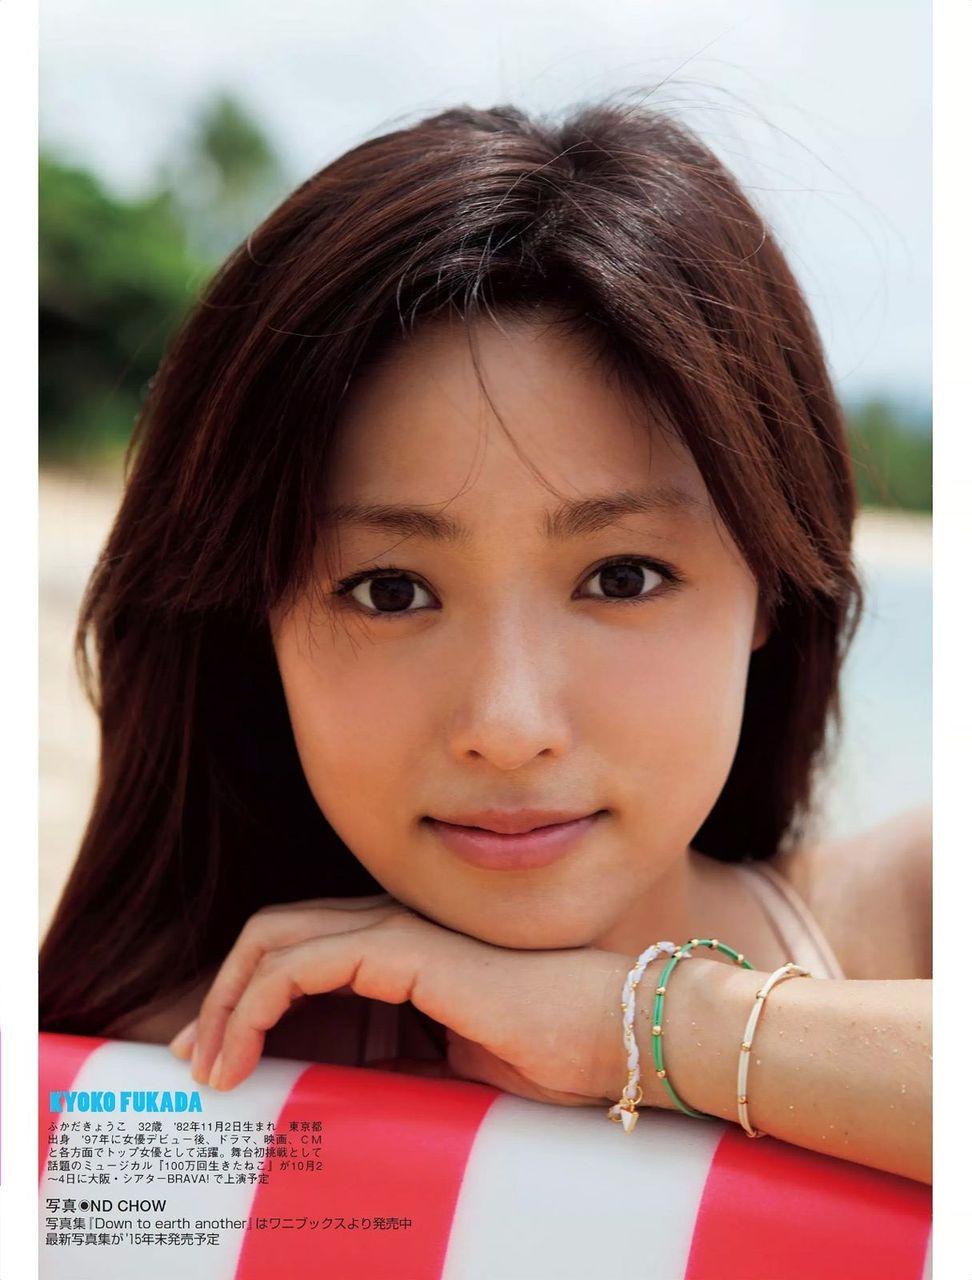 国民的女優深田恭子のグラビアが素晴らしい!グラビア画像まとめ(23枚)